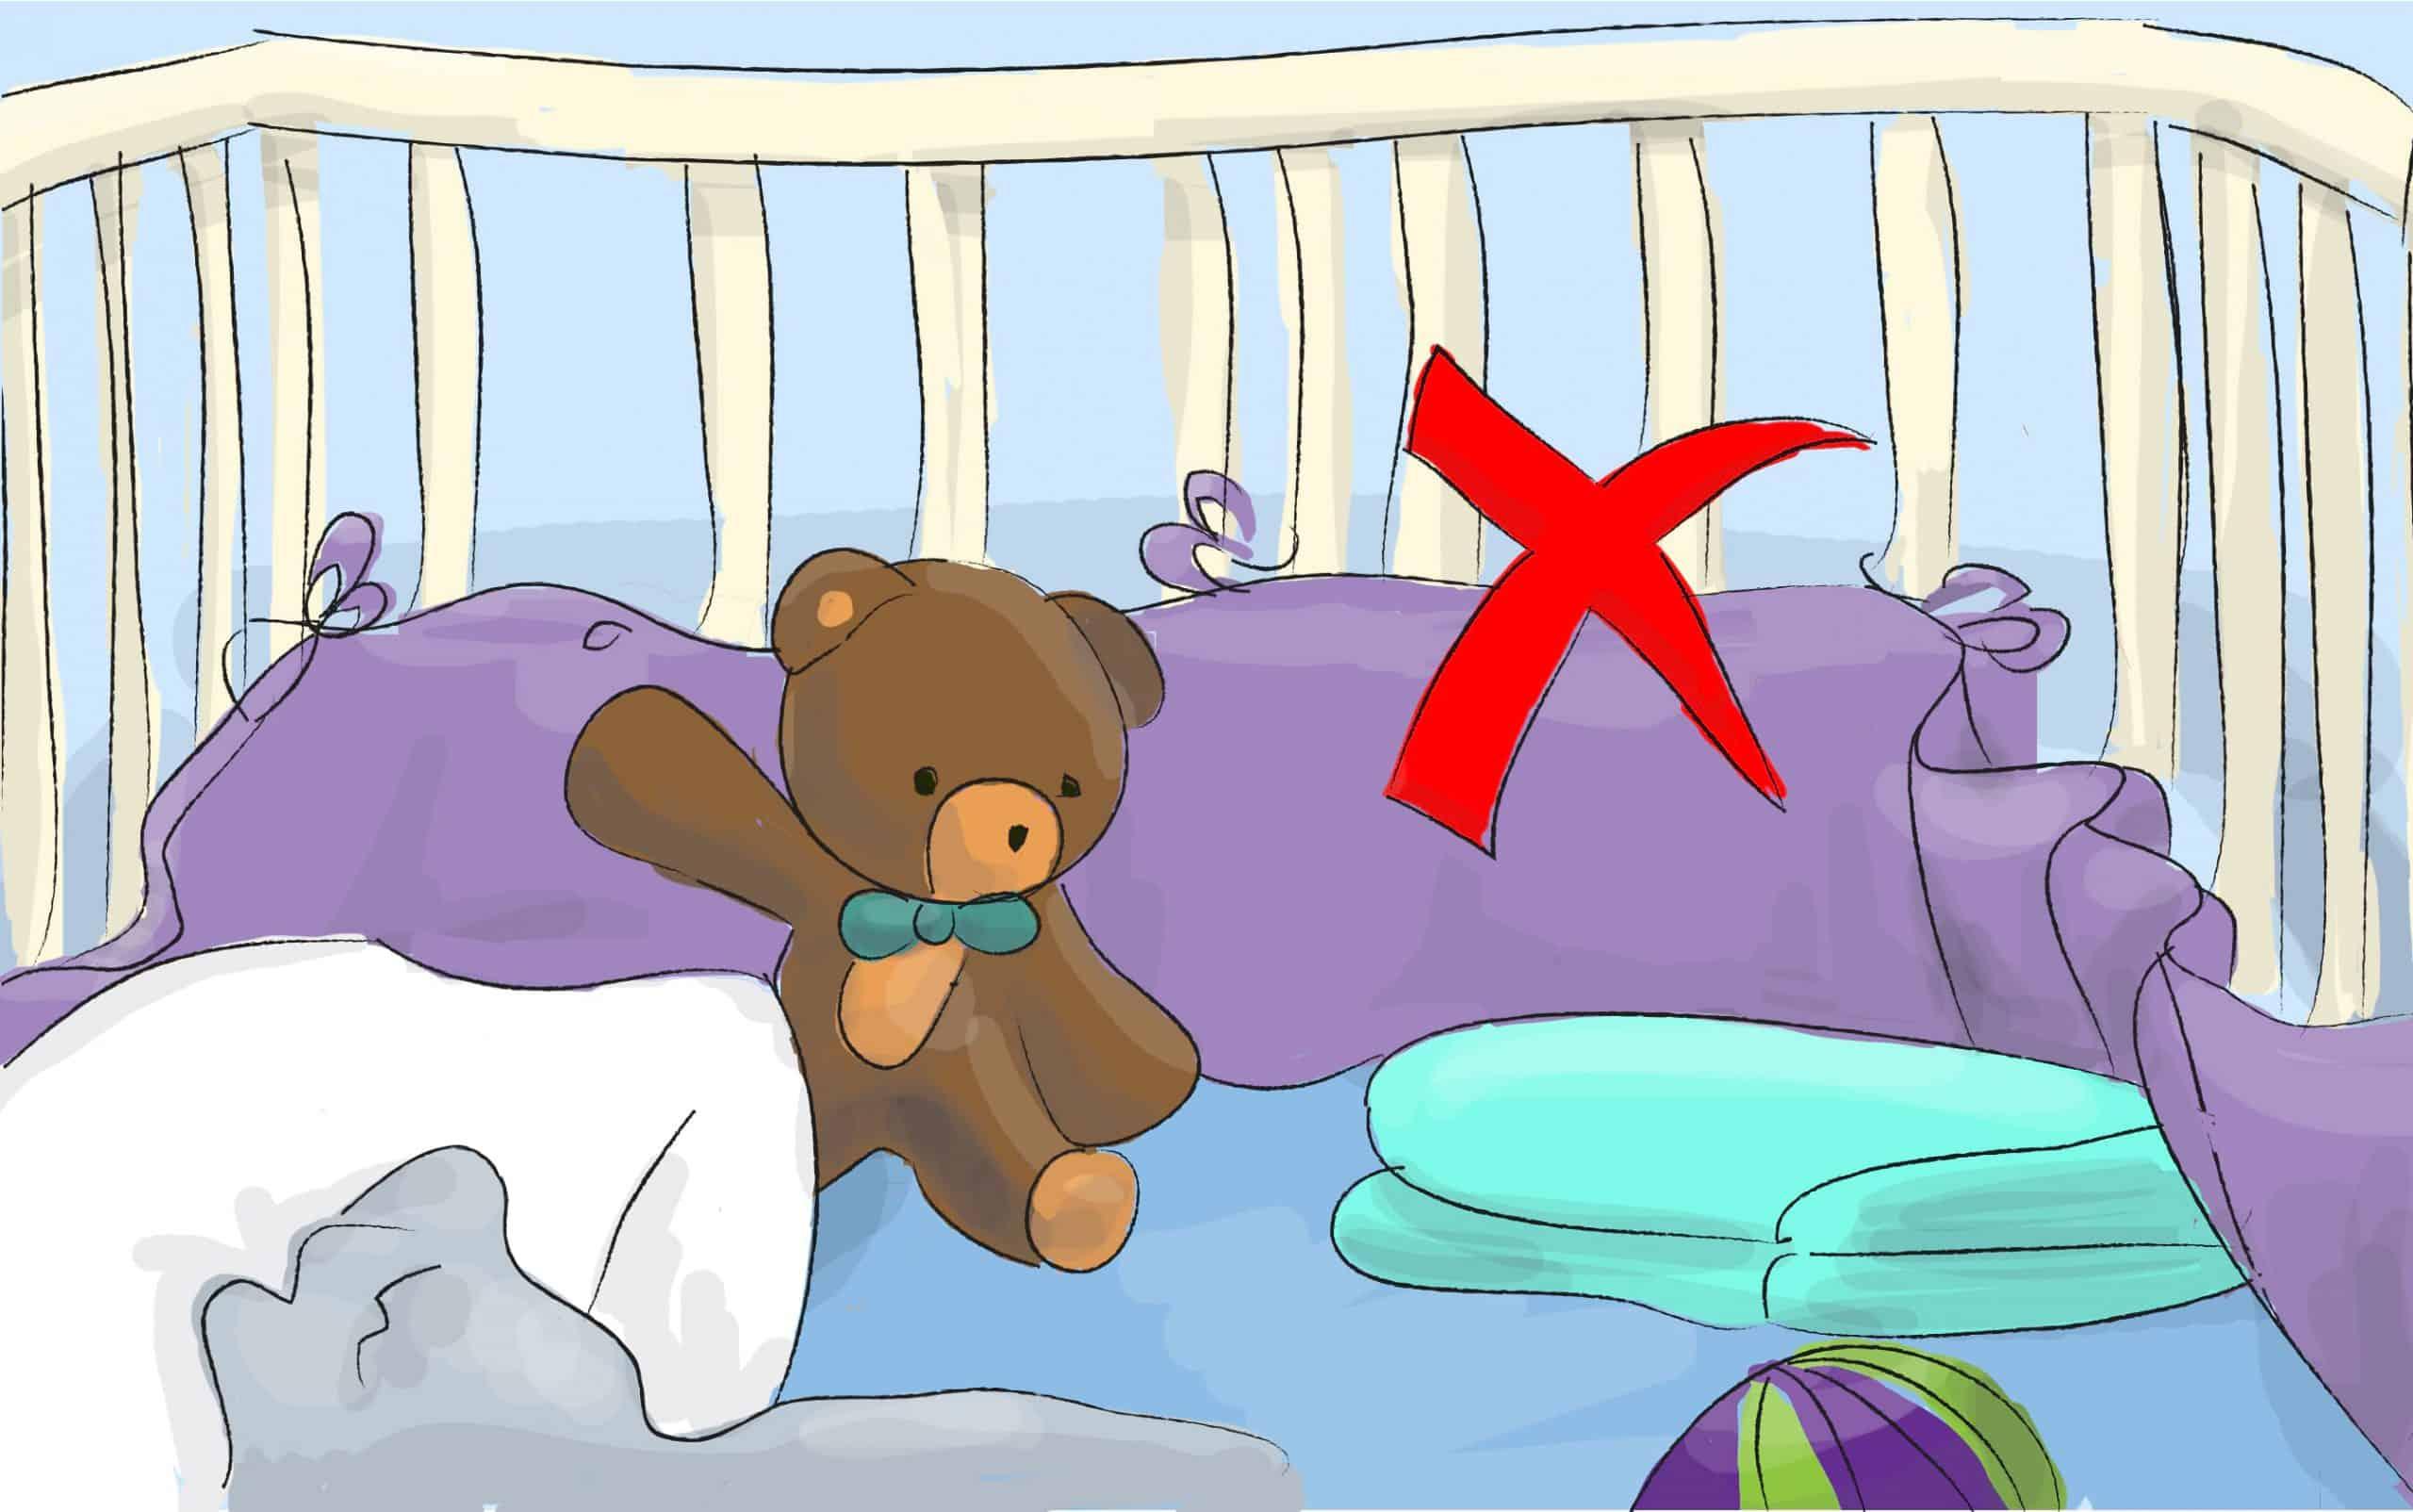 הימנעו מלהכניס למיטת התינוק שמיכות, כריות, בובות, מגן ראש וכל דבר שעלול לכסות את פניו של התינוק במהלך השינה